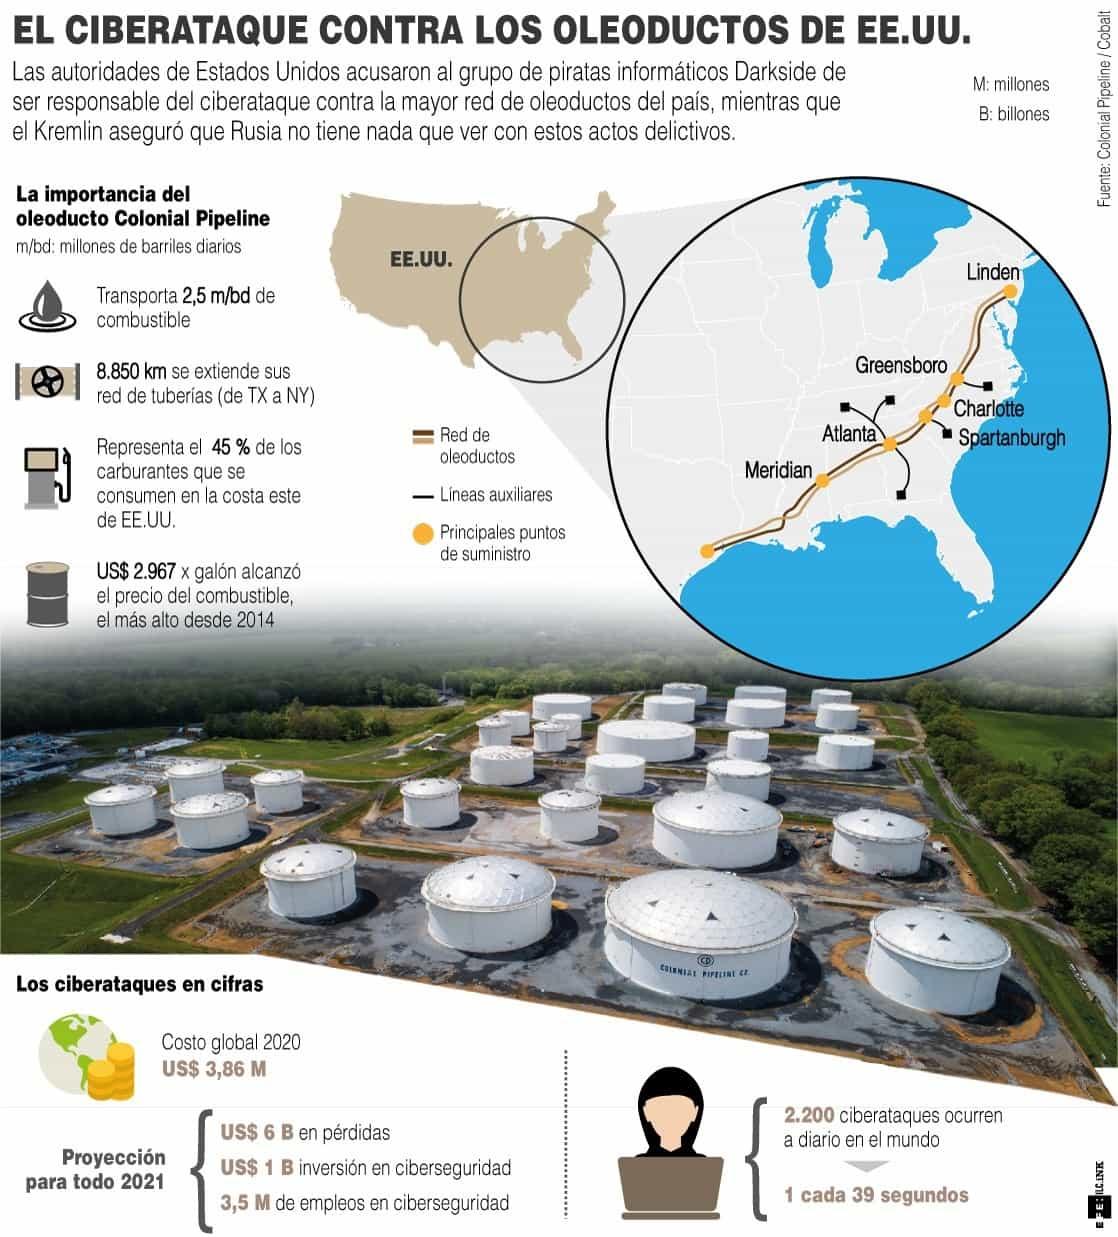 [Infografía] - El ciberataque contra los oleoductos de EE.UU. 1